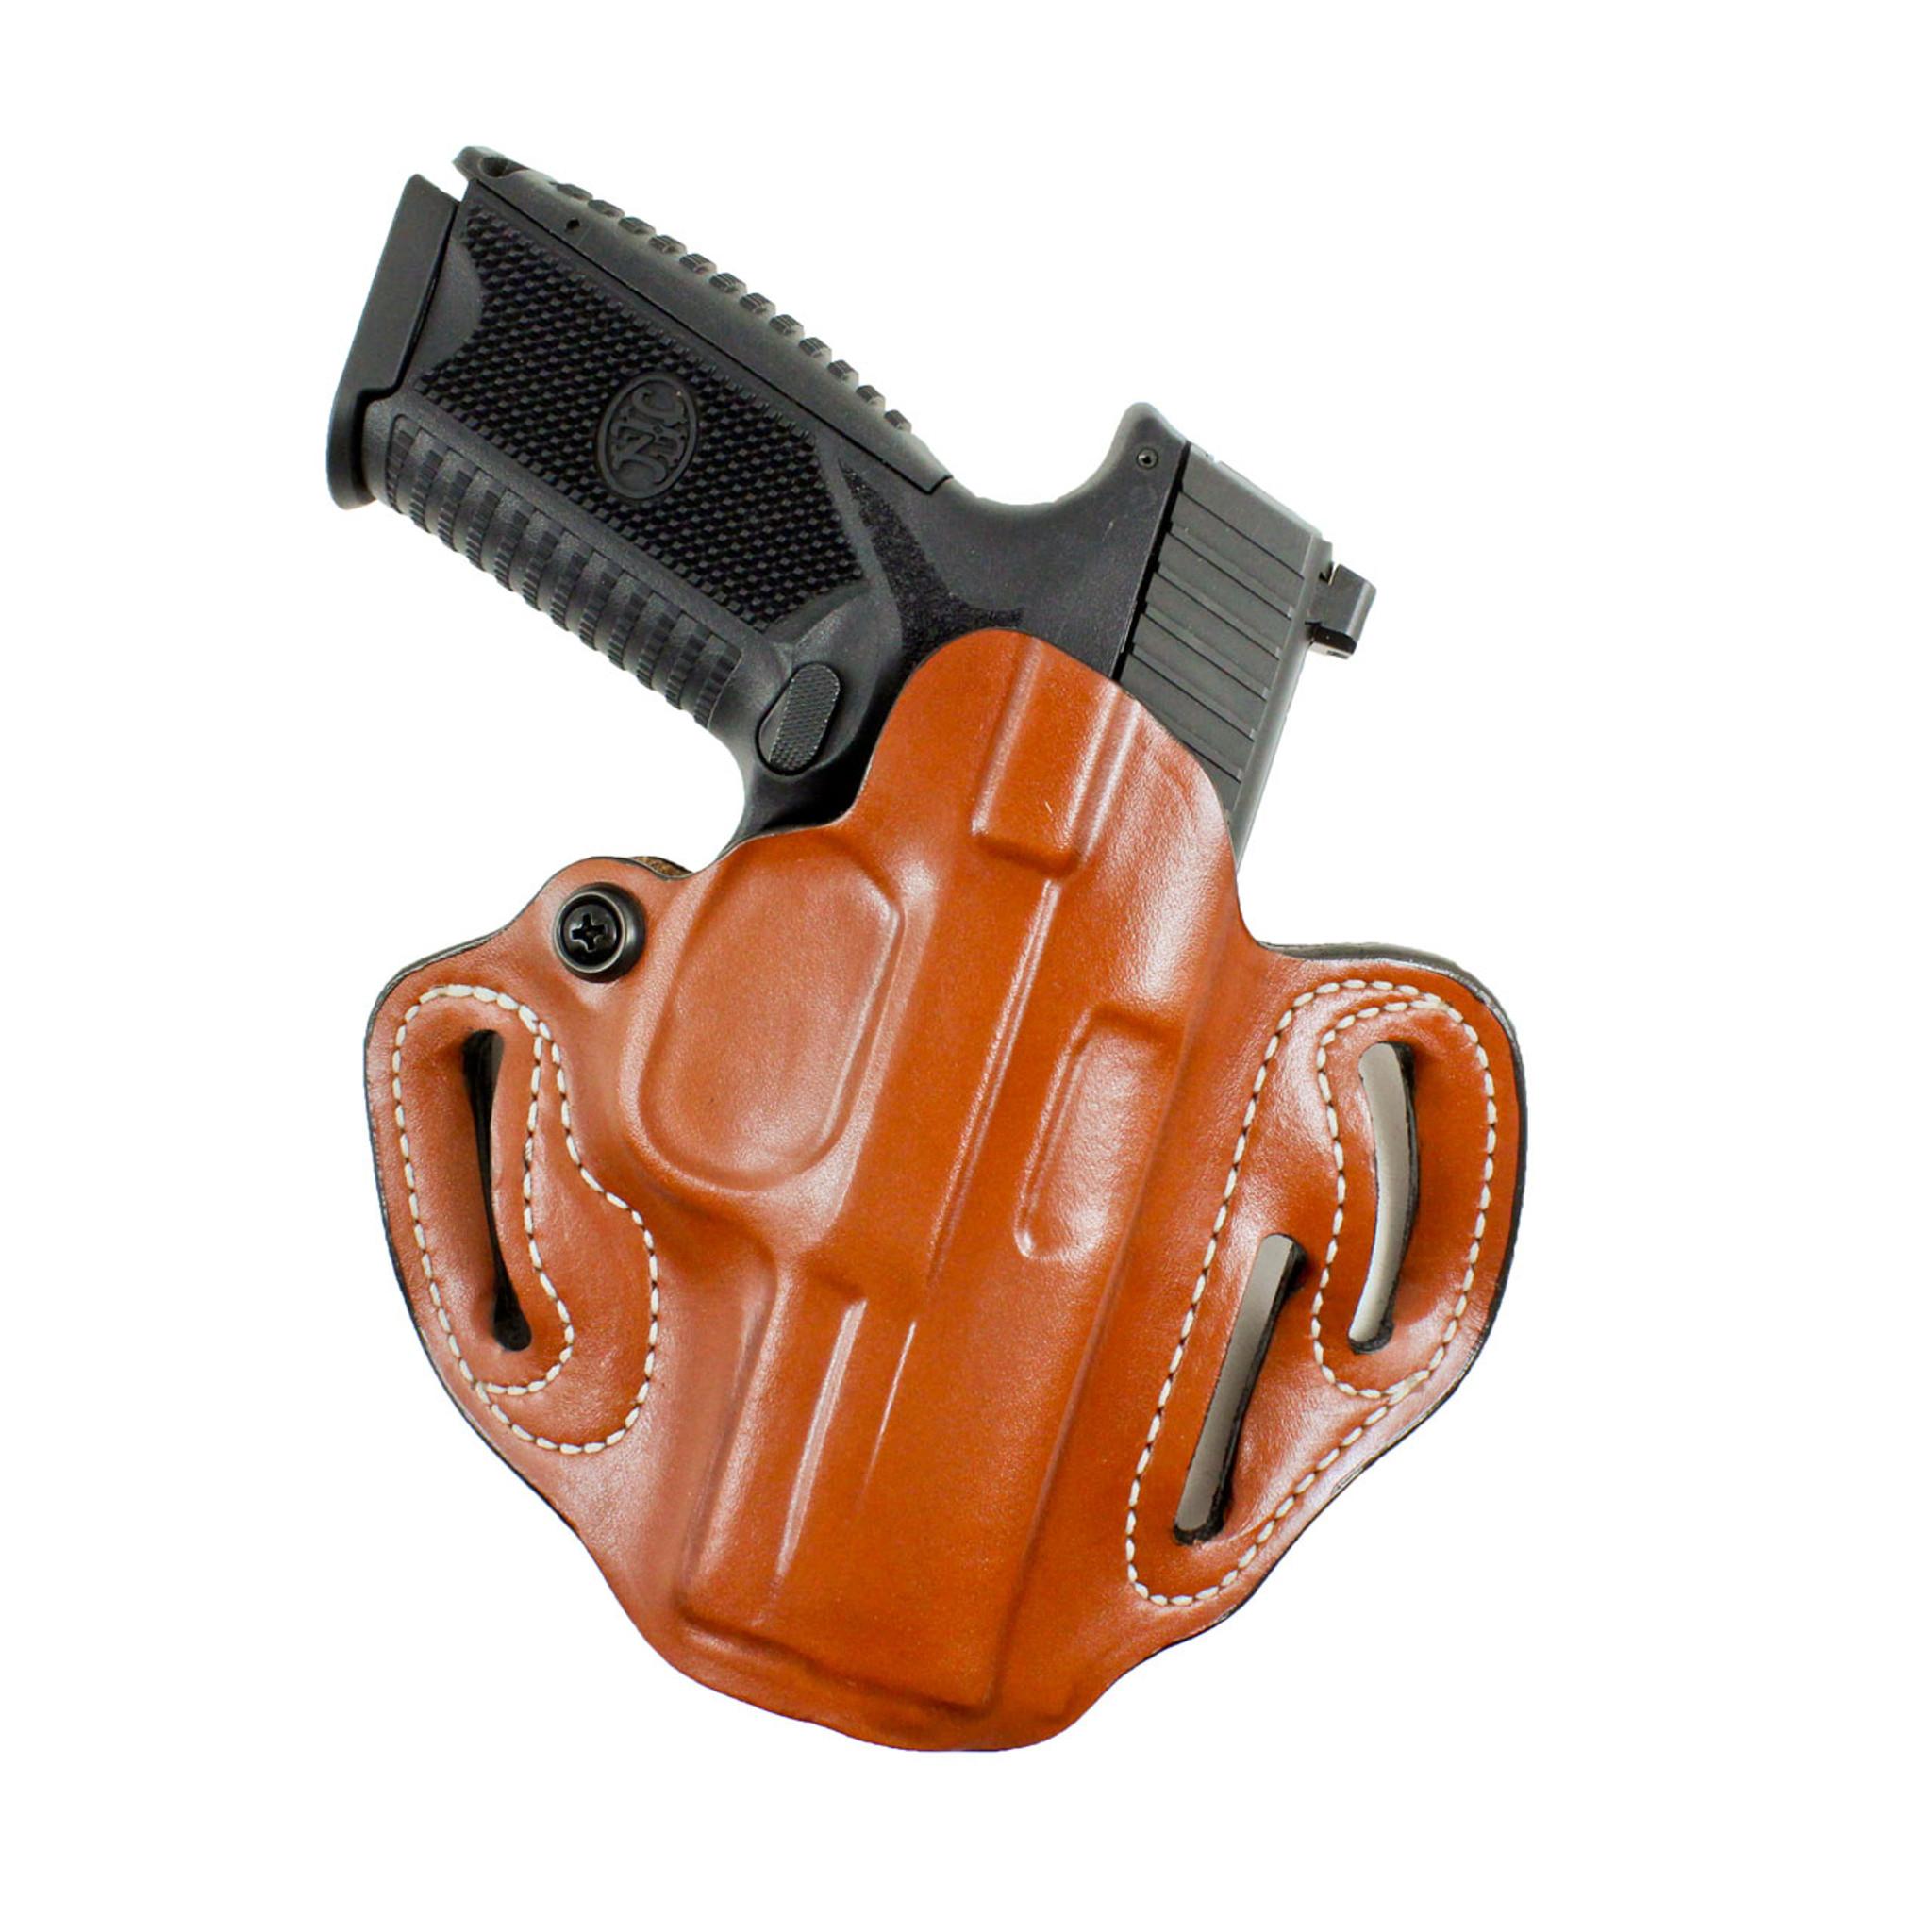 ON DUTY Gun Holster FN 5.7 Thumb Break RH OWB Black Leather